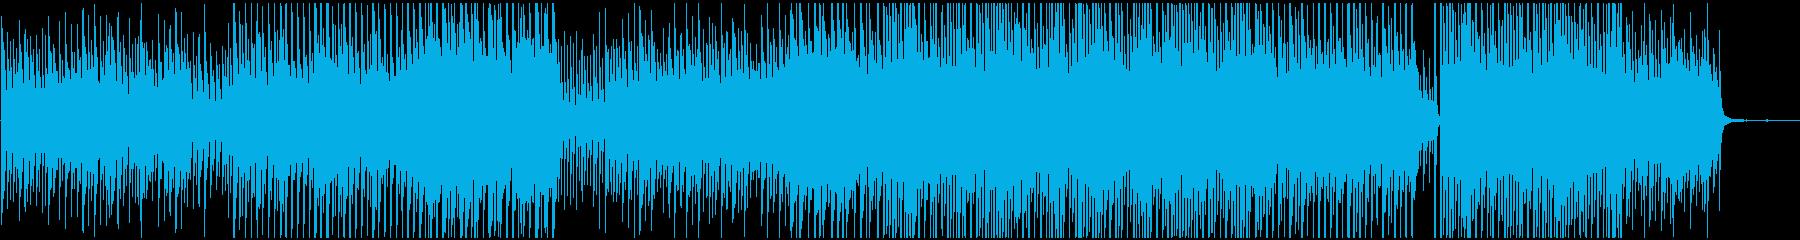 企業VPや映像に かわいい系の優しい音の再生済みの波形